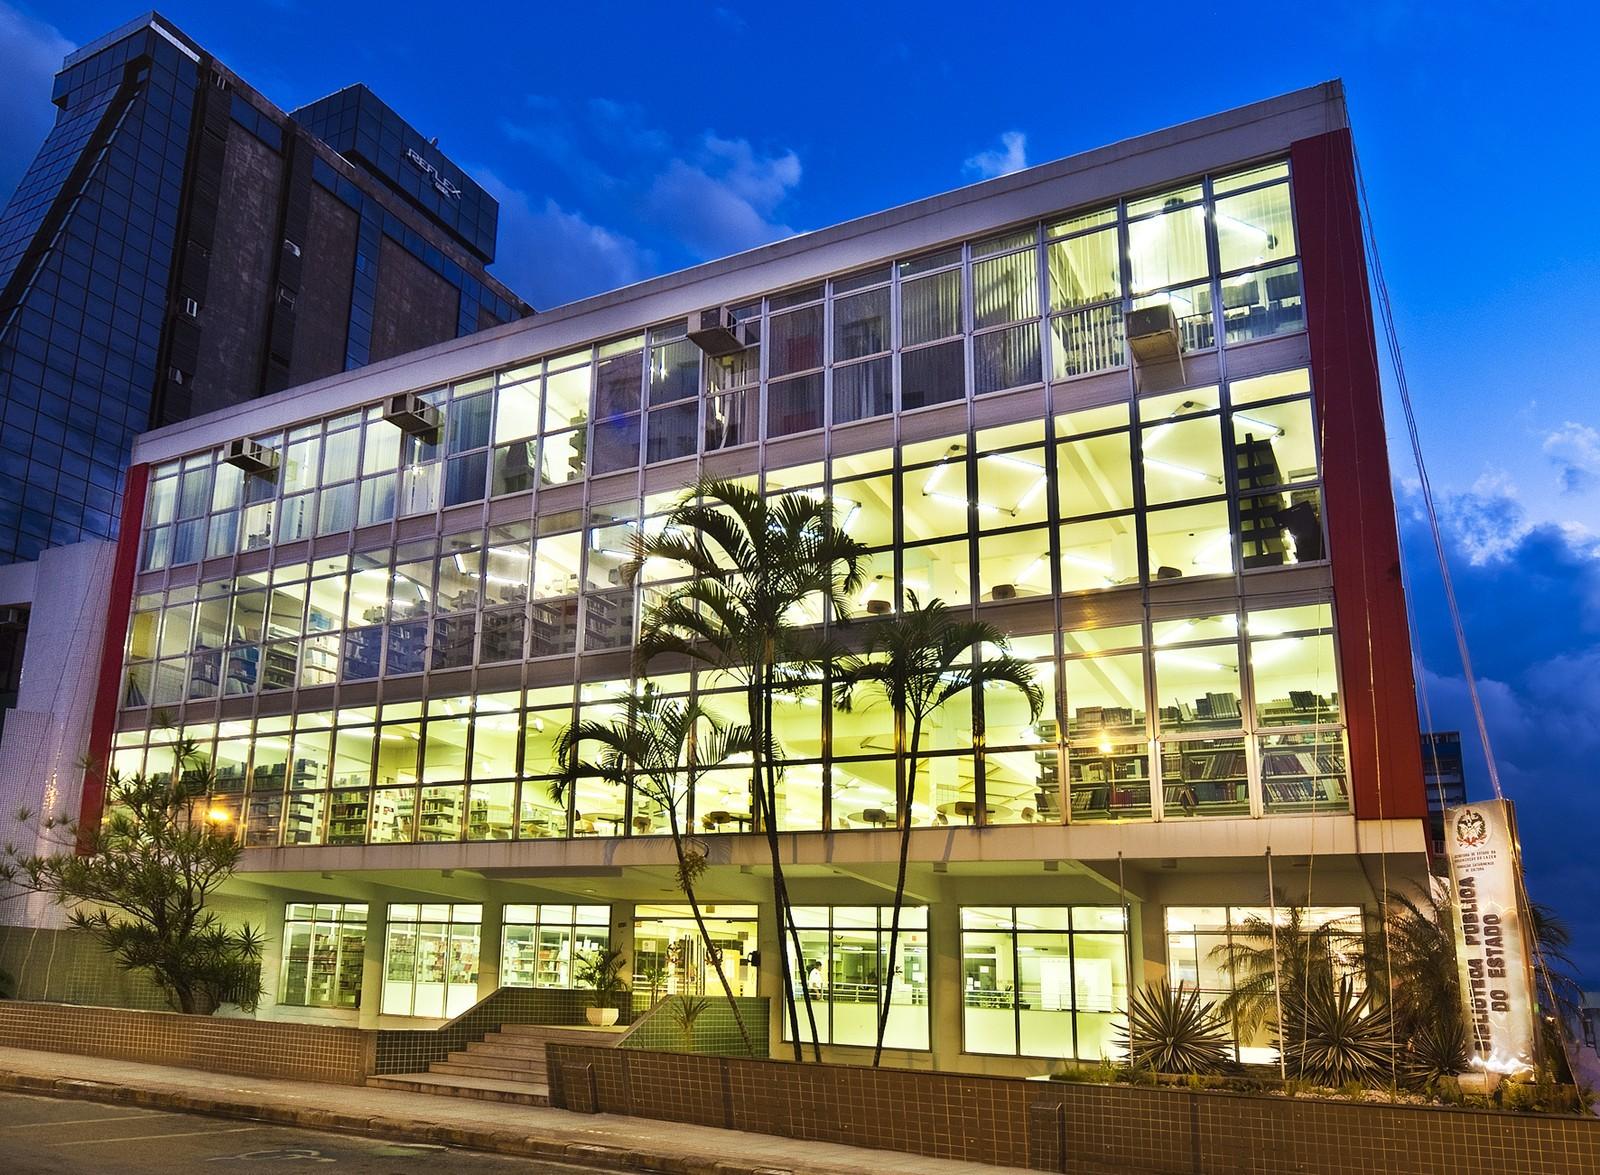 Biblioteca Pública de Santa Catarina abre inscrições para oficina gratuita de arte em Florianópolis - Notícias - Plantão Diário